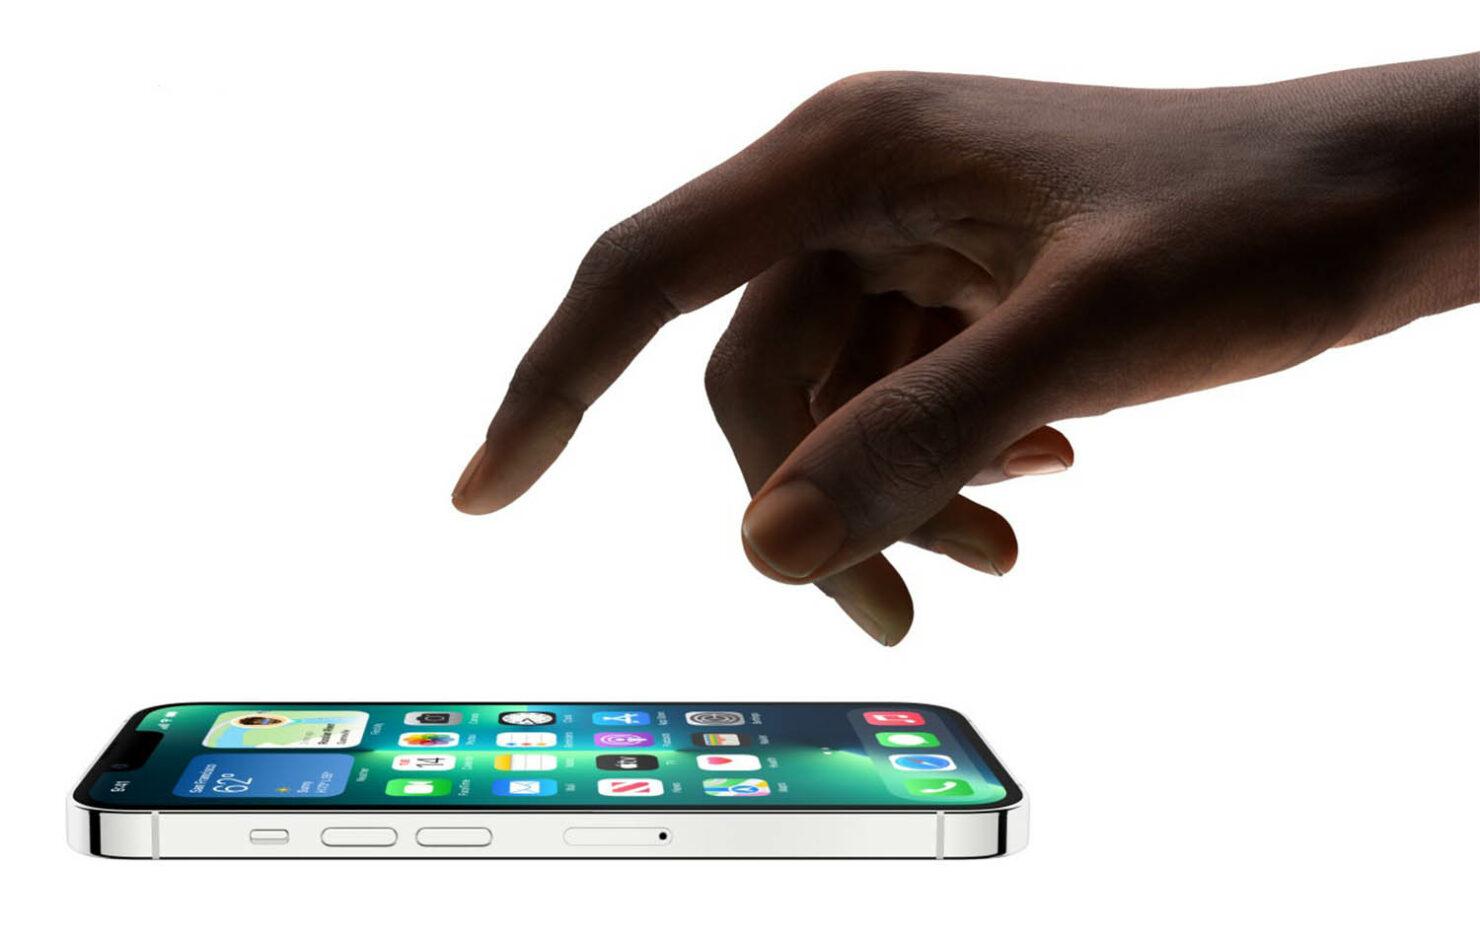 La technologie ProMotion 120 Hz sur iPhone 13 Pro, iPhone 13 Pro Max ne fonctionne pas avec les applications tierces